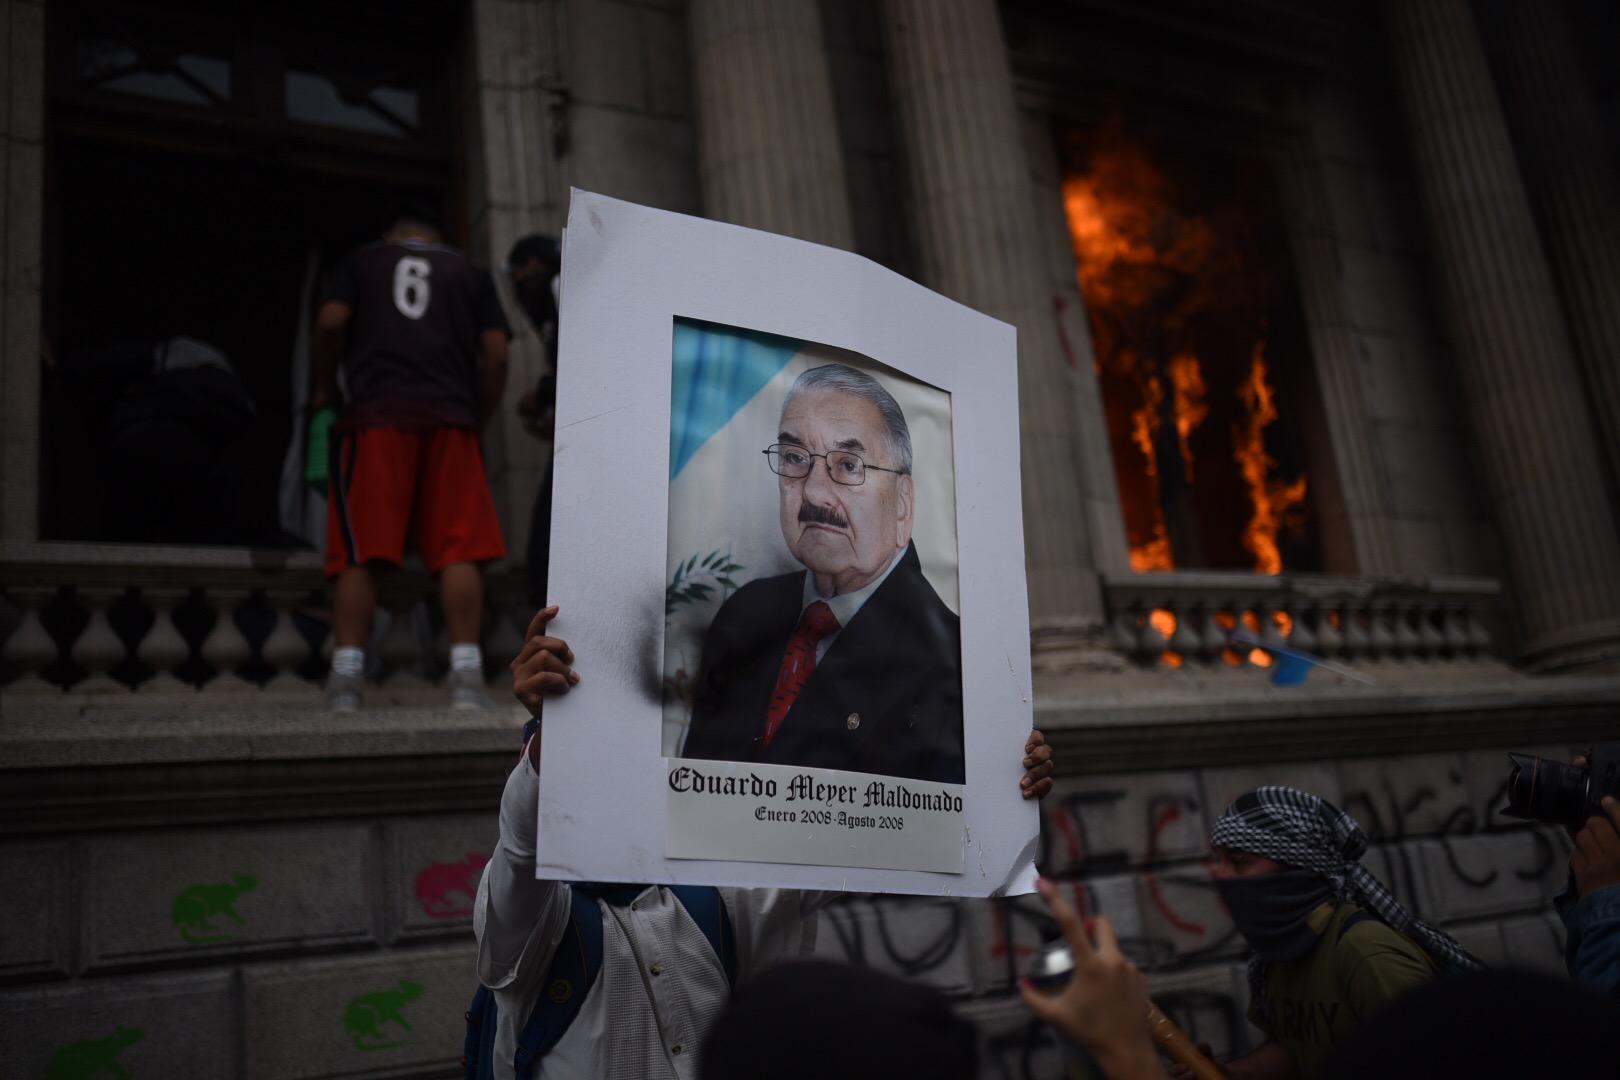 Daños en el Congreso tras incendio por manifestaciones